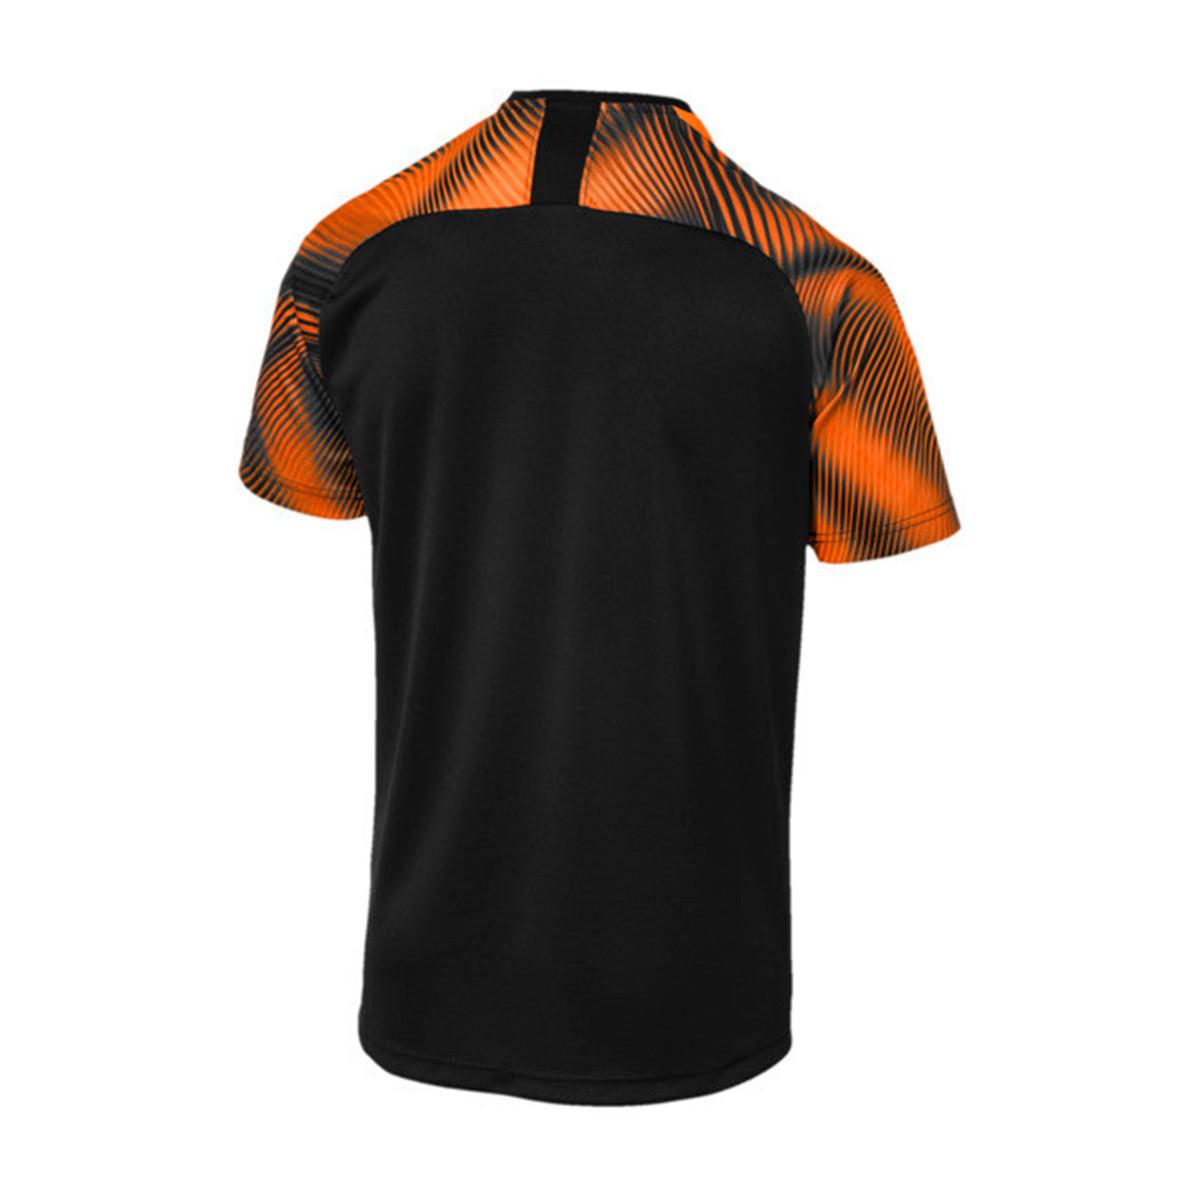 8b3b797f0 Jersey Puma Valencia CF Segunda Equipación 2019-2020 Puma black-Vibrant  orange - Tienda de fútbol Fútbol Emotion